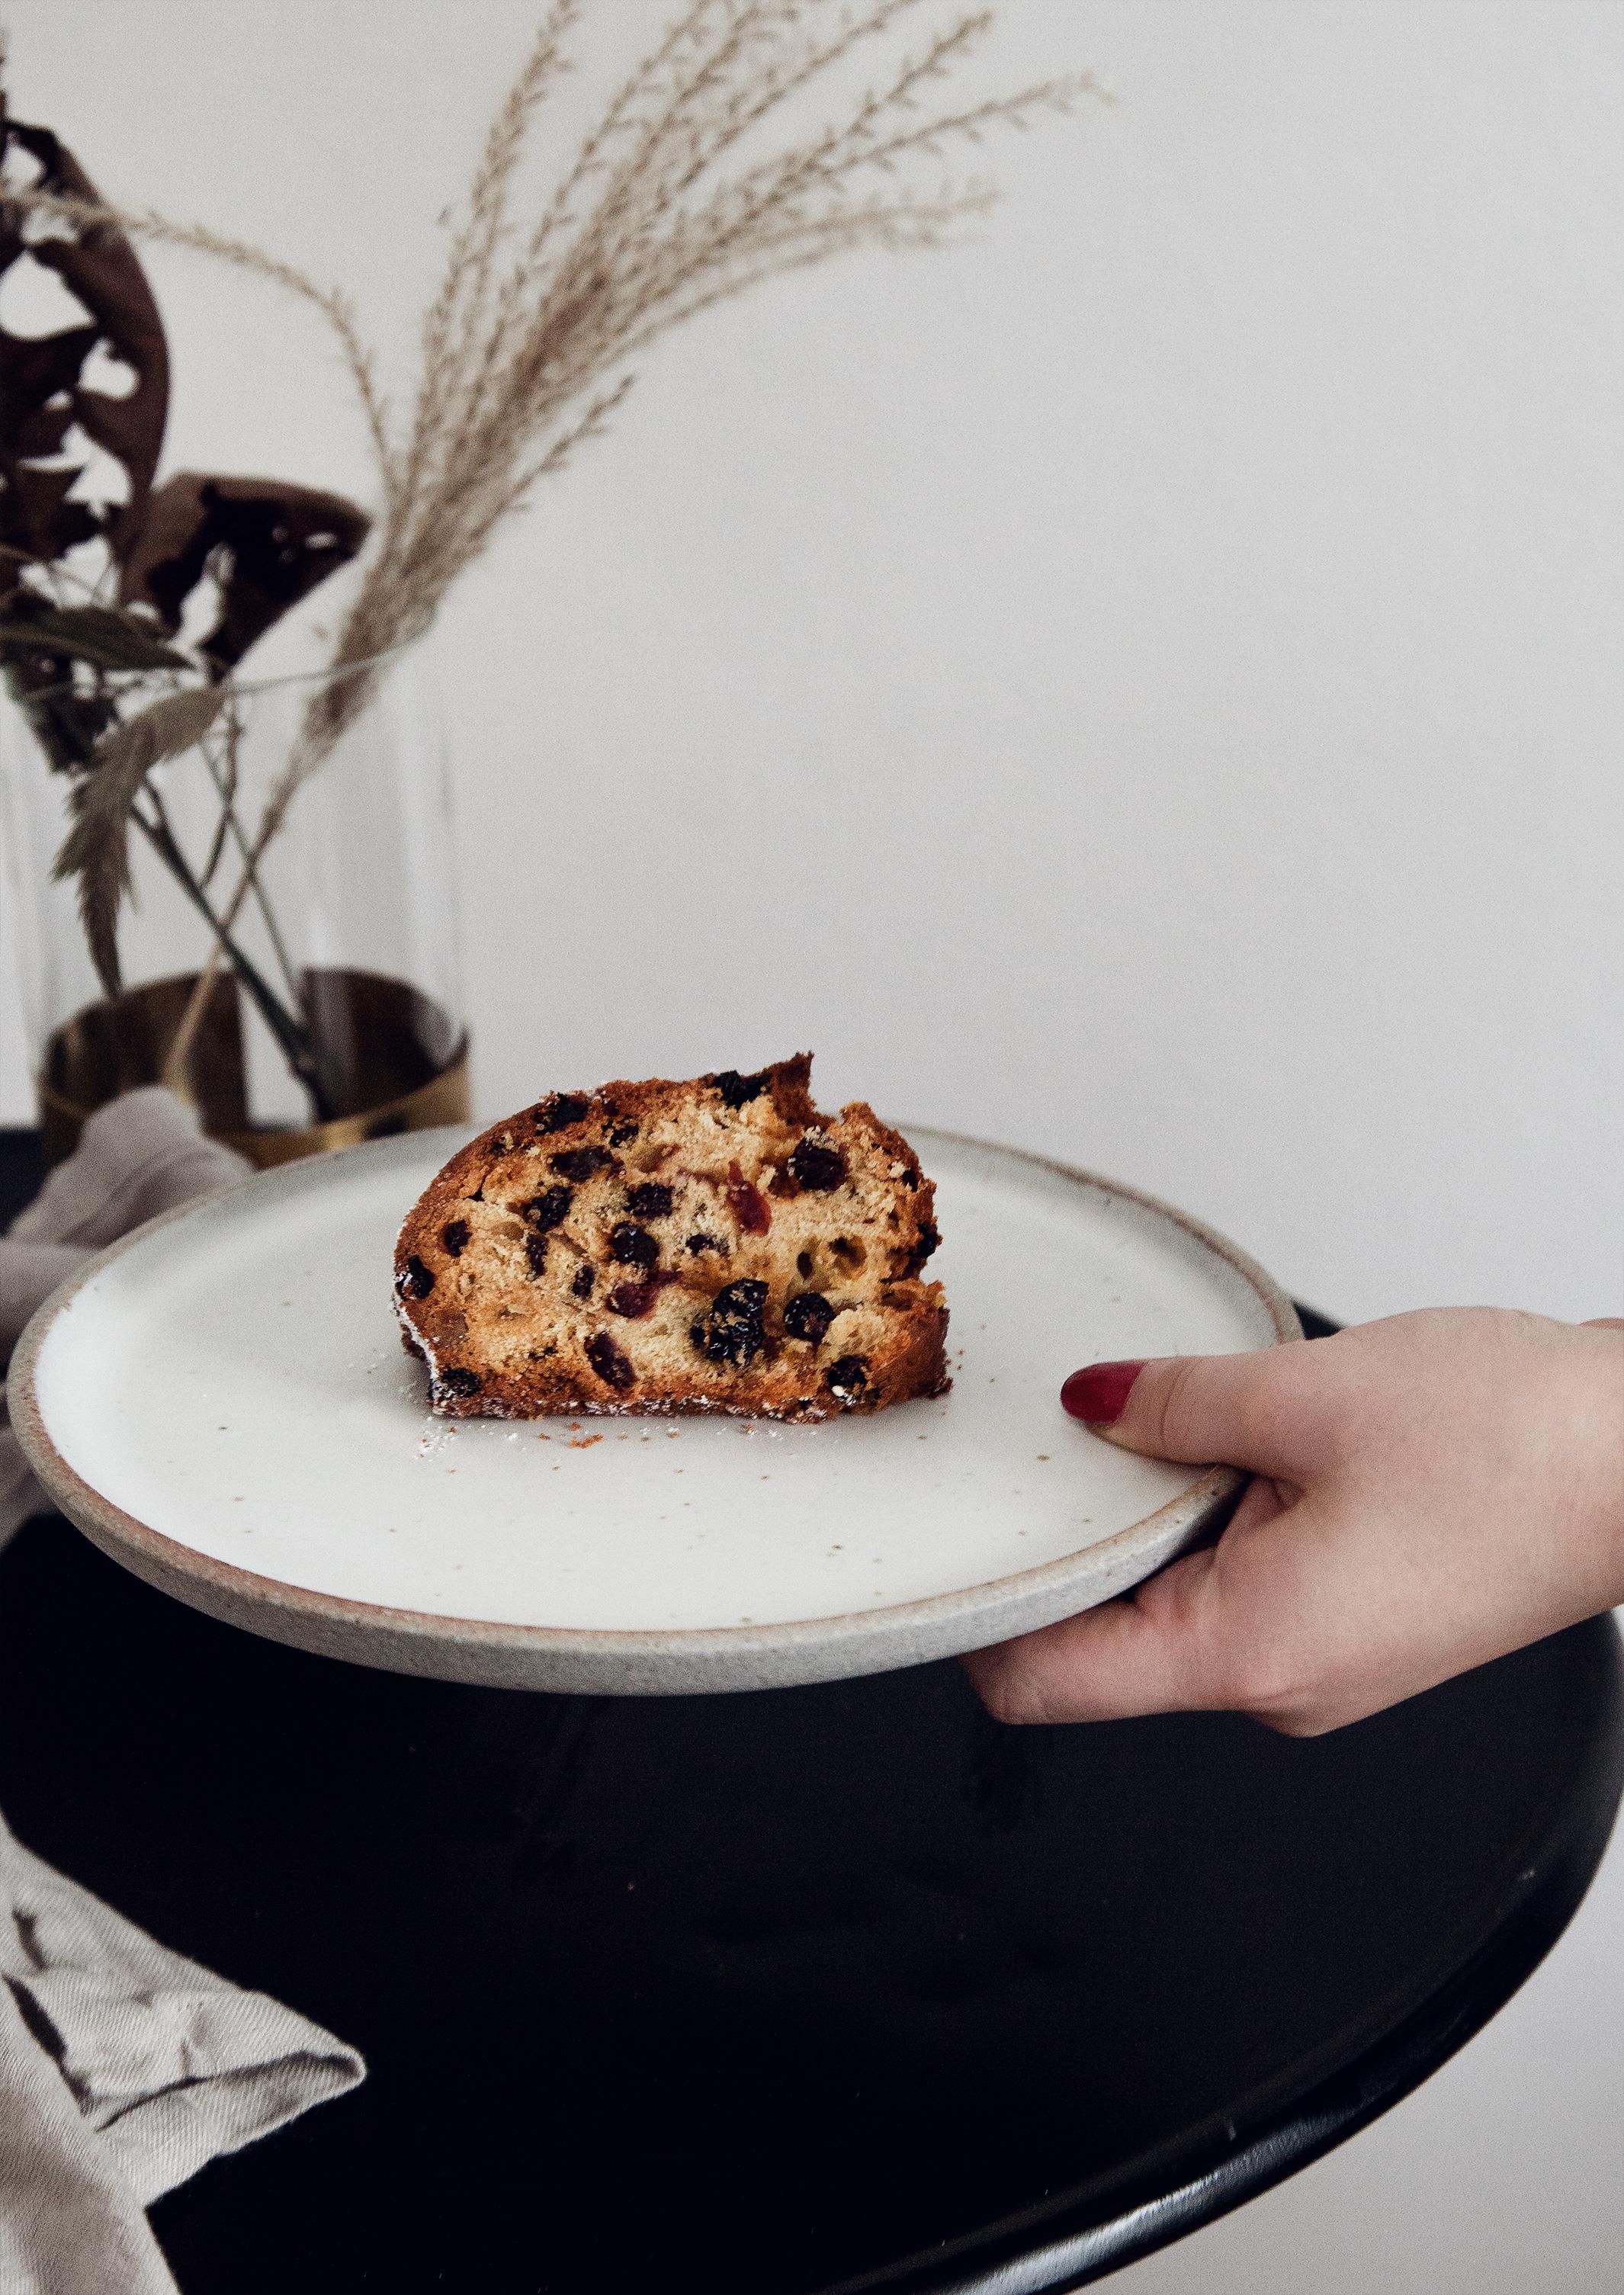 Kreative-Weihnachtsplätzchen-und-Kuchen-für-die-AdventszeitIMG_8899